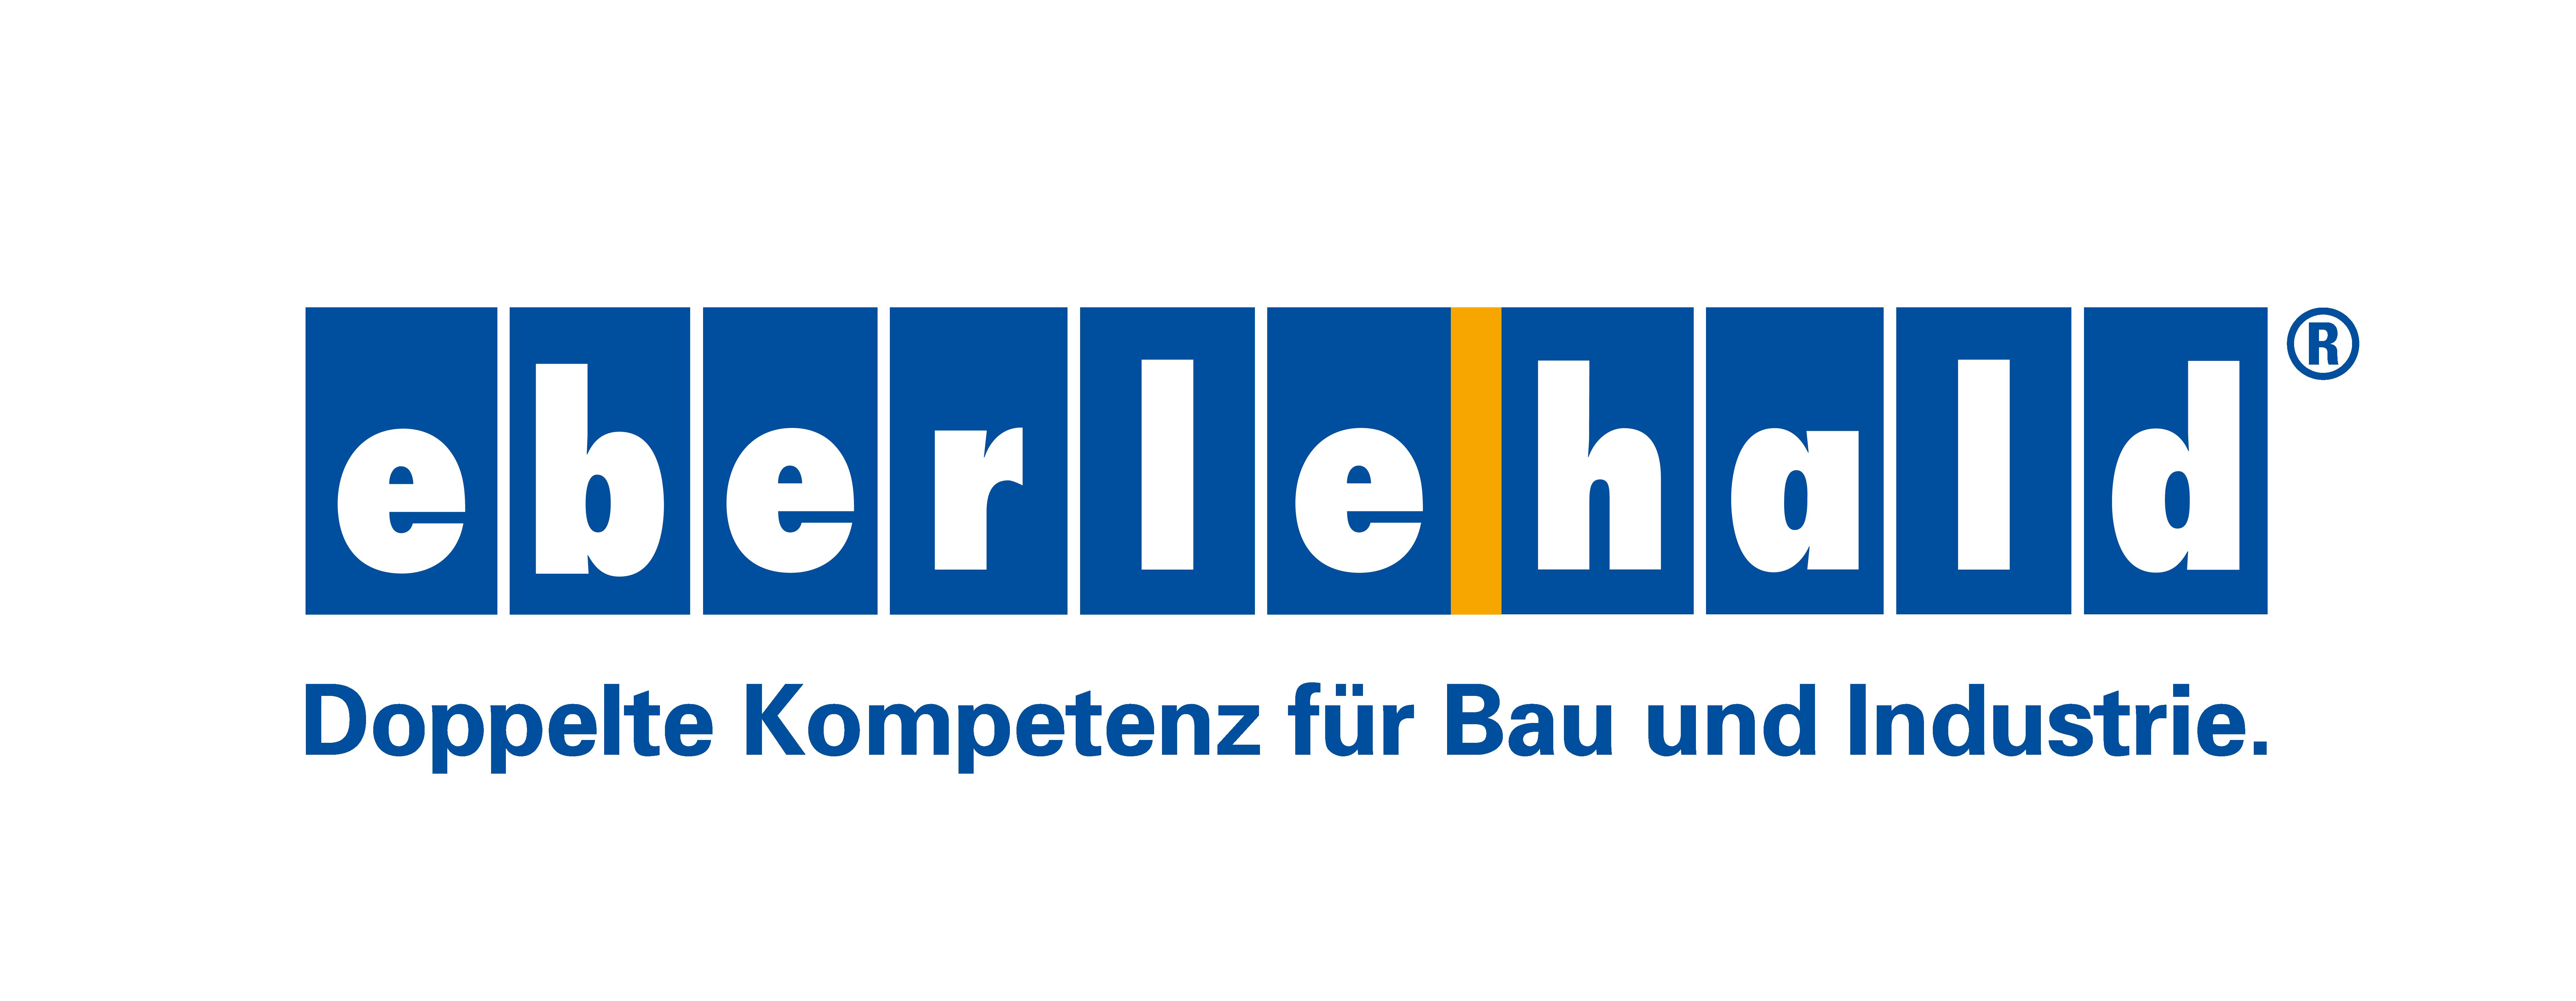 eberle-hald Handel und Dienstleistungen Metzingen GmbH